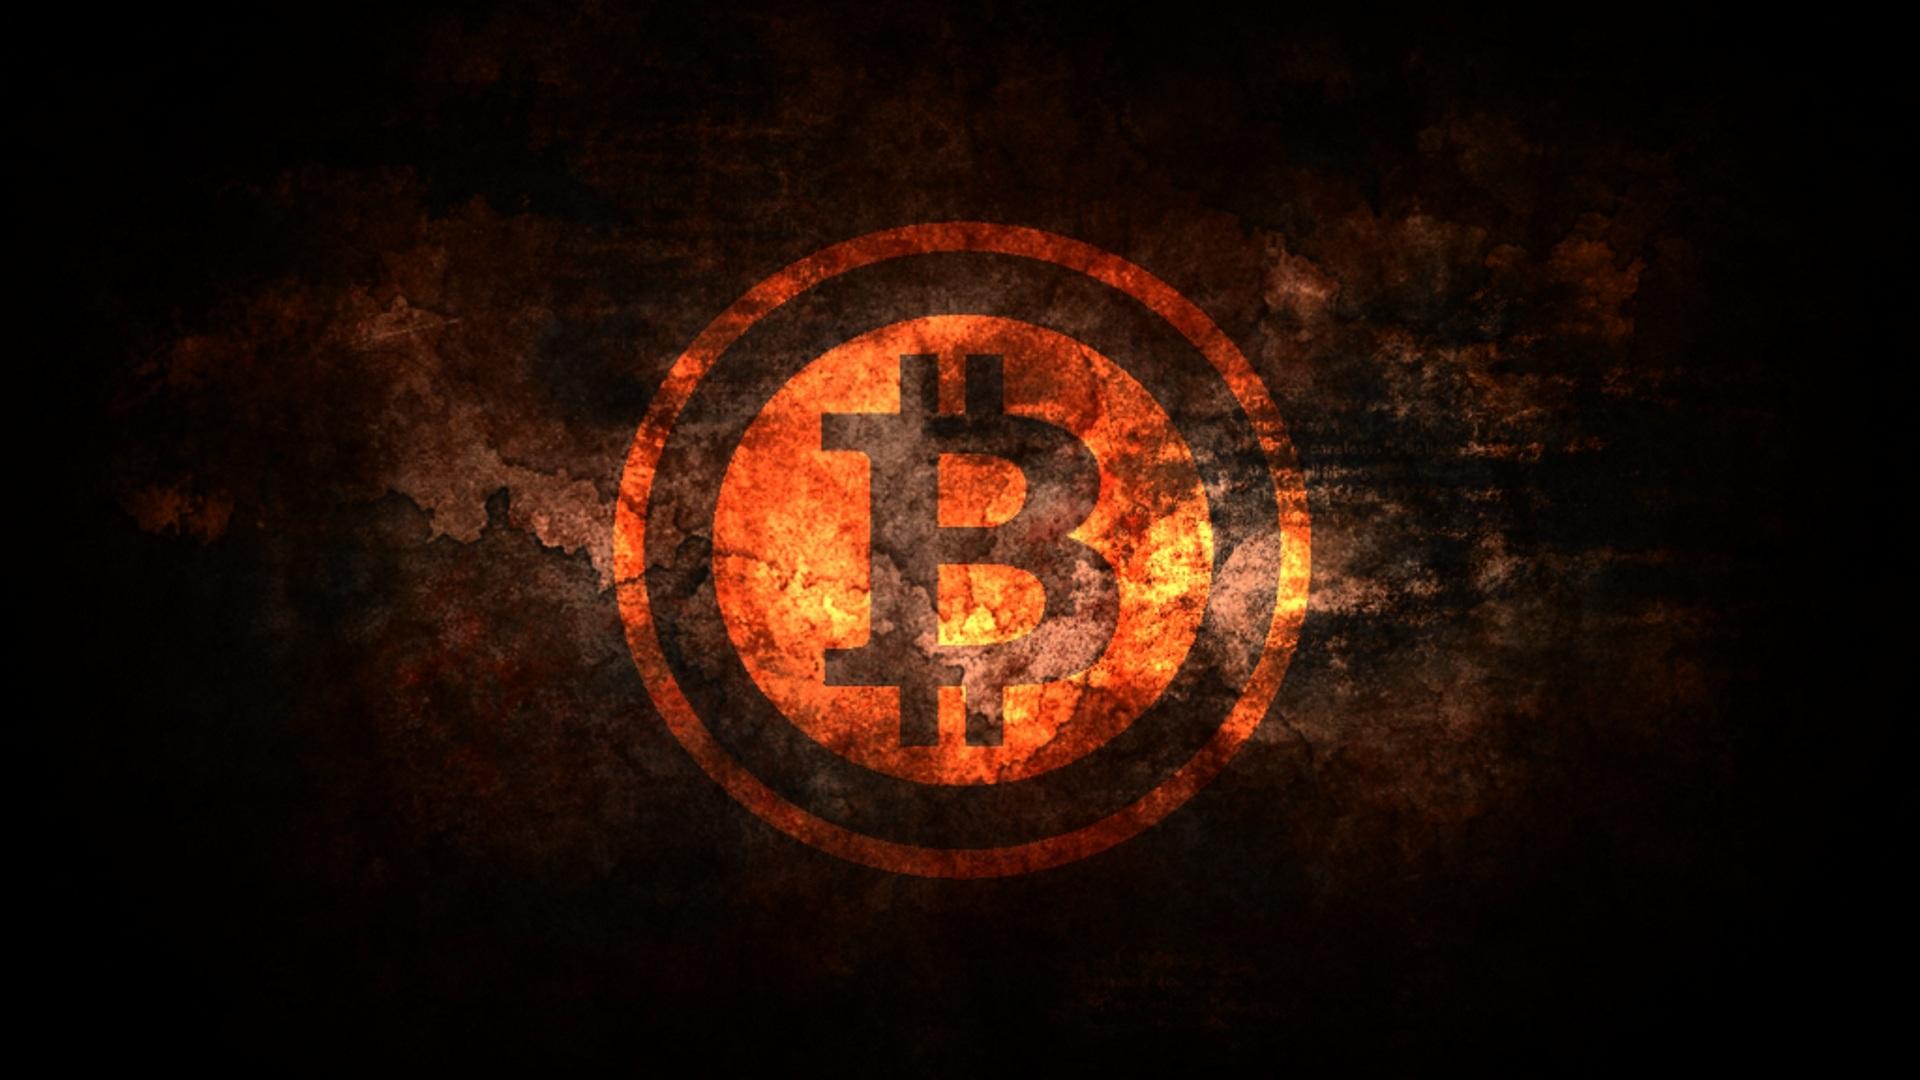 У вересні в Україні сподіваються врегулювати статус Bitcoin